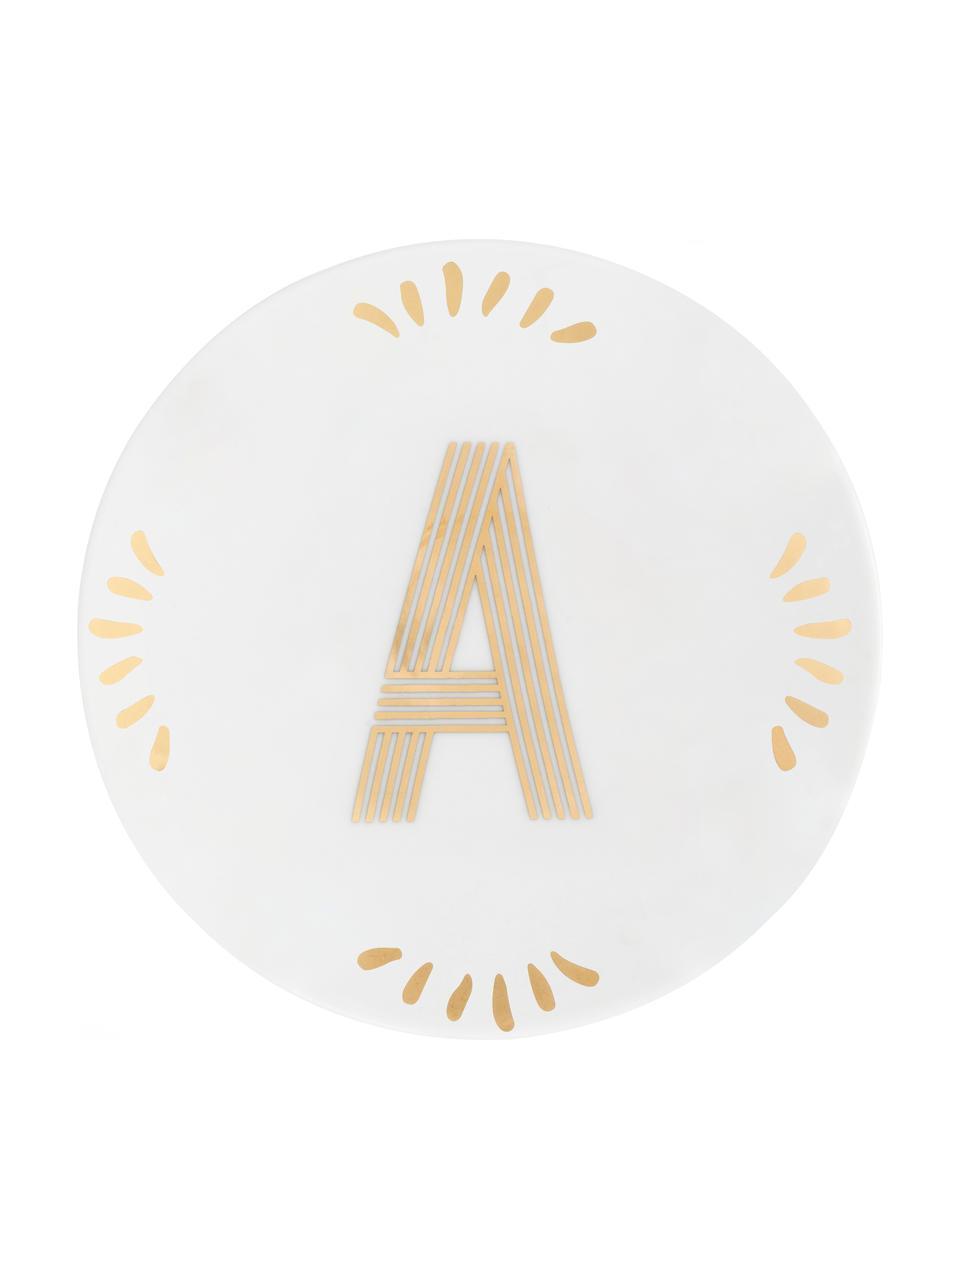 Porzellan-Frühstücksteller Yours mit Buchstaben (Varianten von A bis Z) in Gold, Porzellan, Weiß, Goldfarben, Teller A